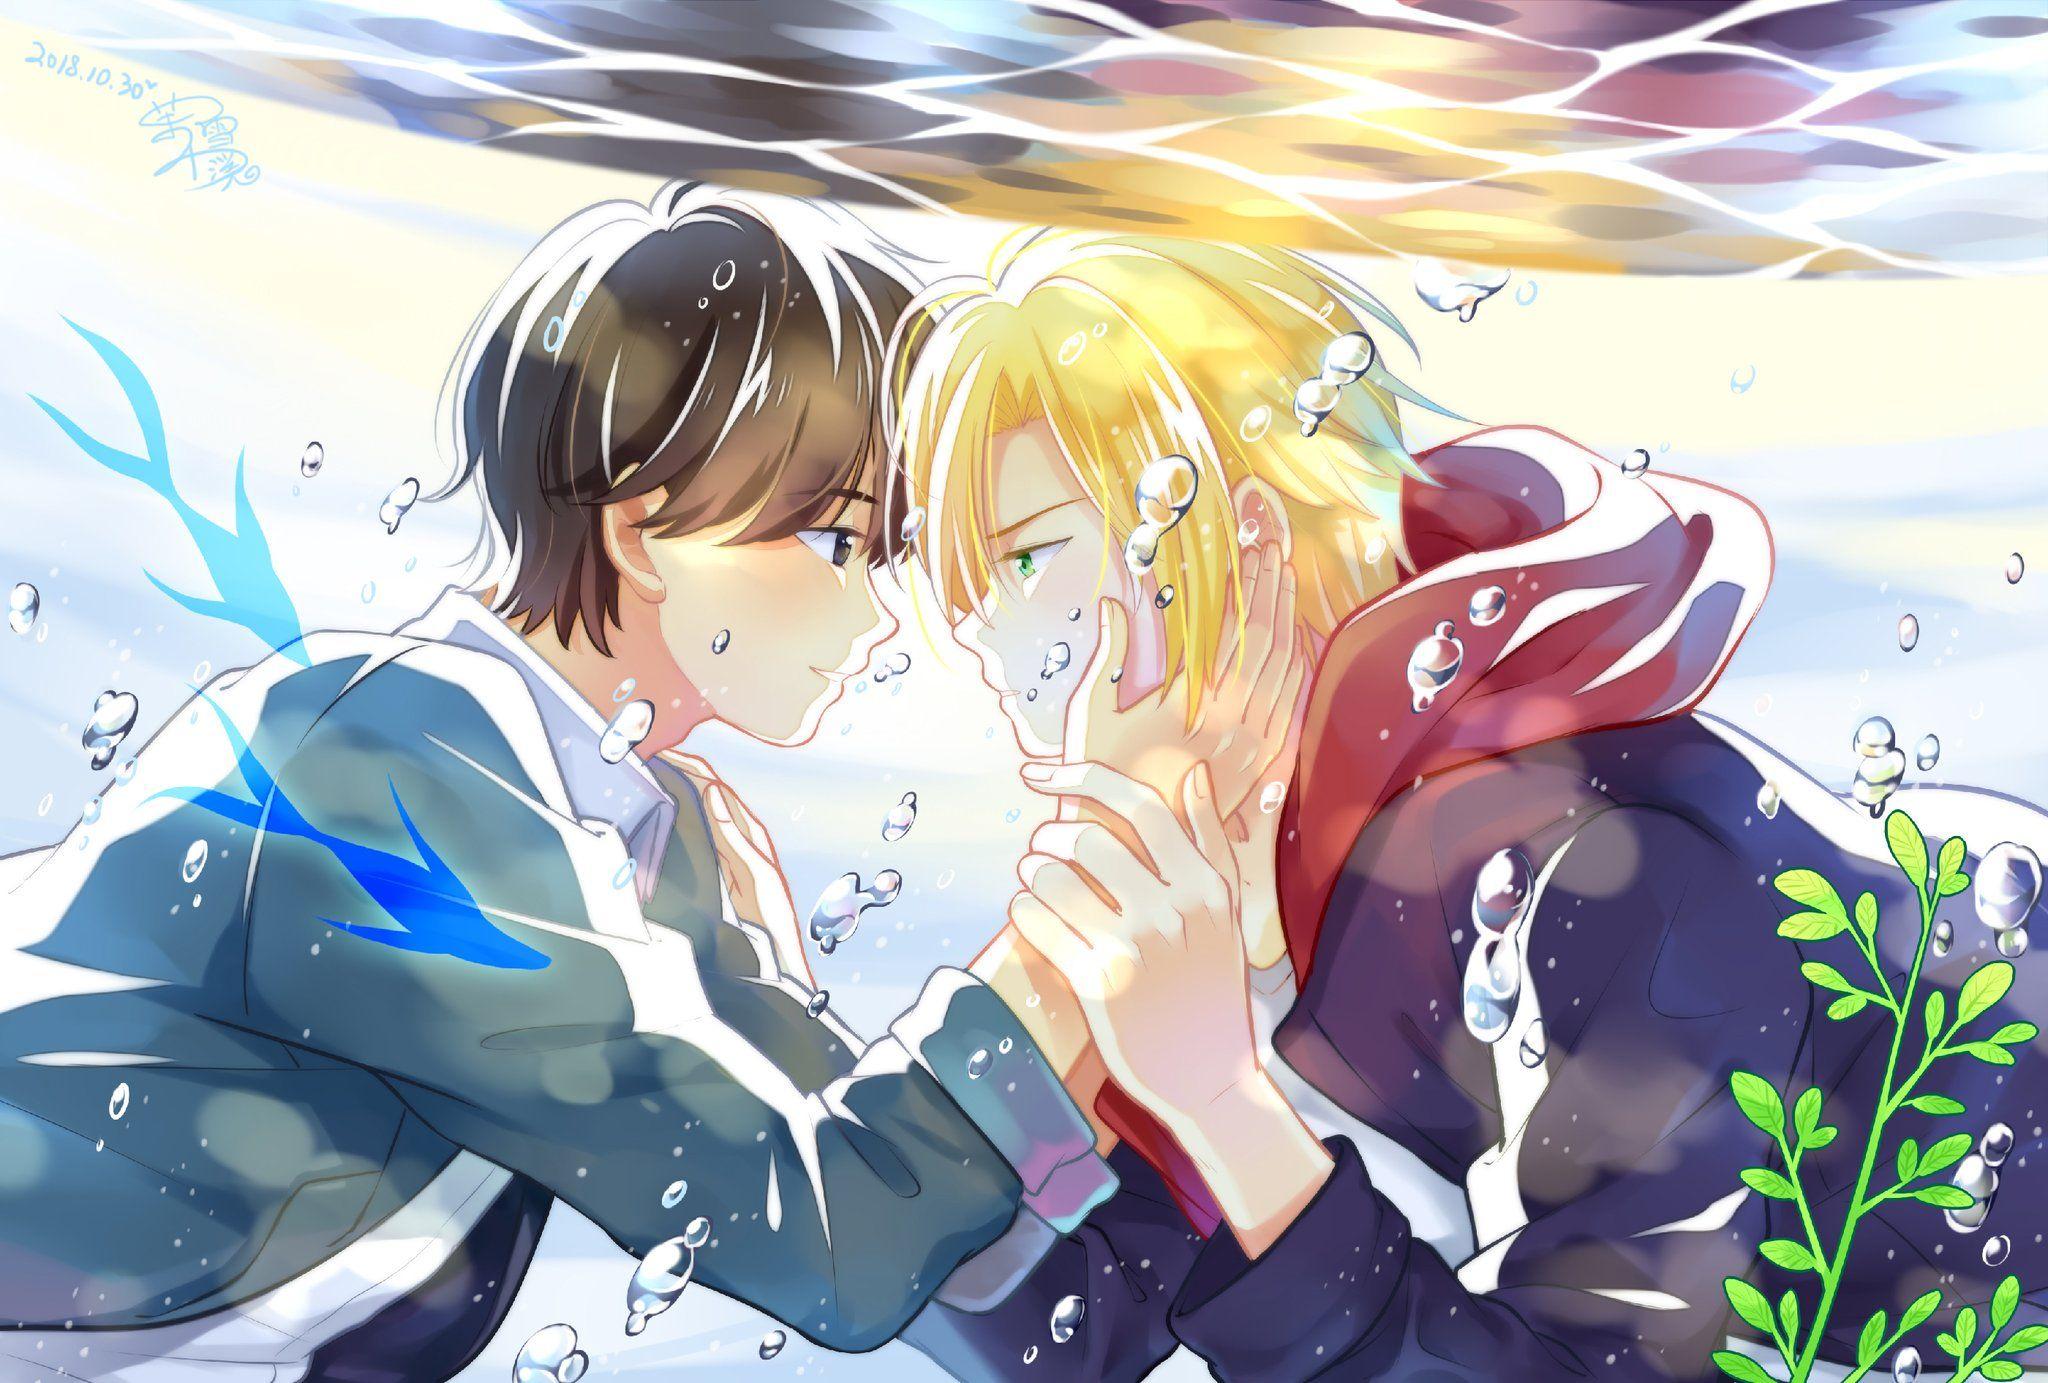 jeune d anime おしゃれまとめの人気アイデア pinterest bouaziz ines ばななふぃっしゅ アニメ 漫画 アニメ